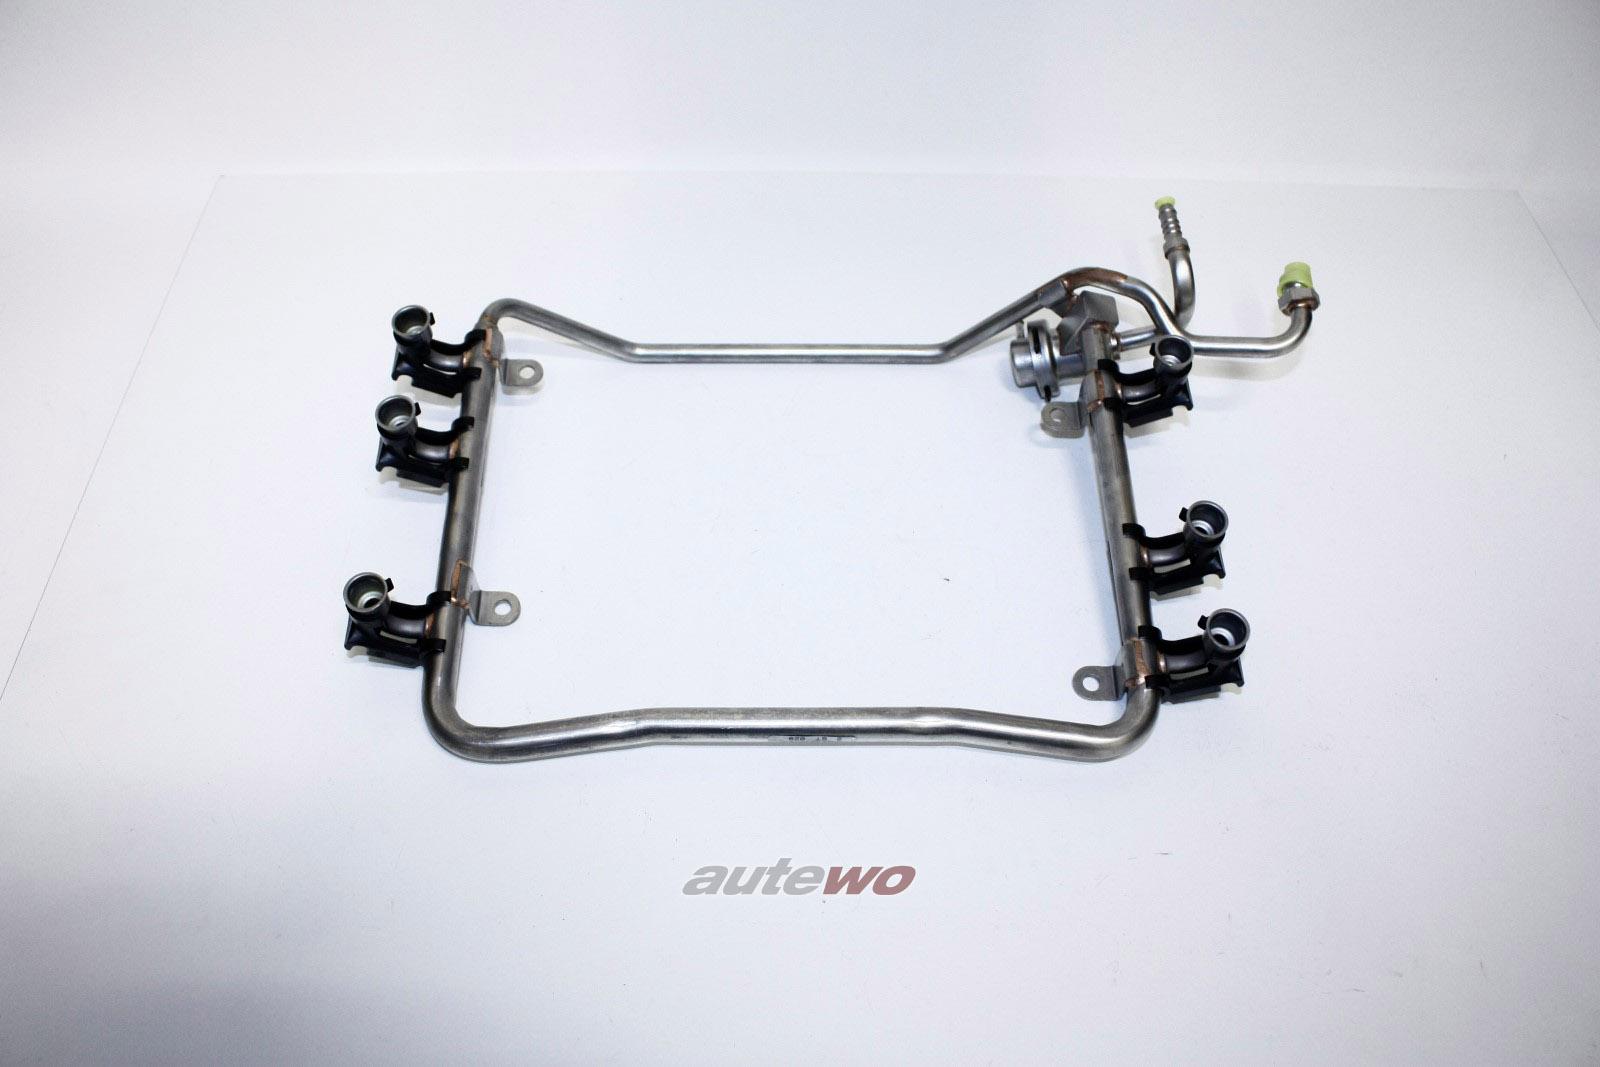 078133681Q NEU Audi A4 B5/A8 D2 2.6-2.8l Einspritzleiste + Benzindruckregler